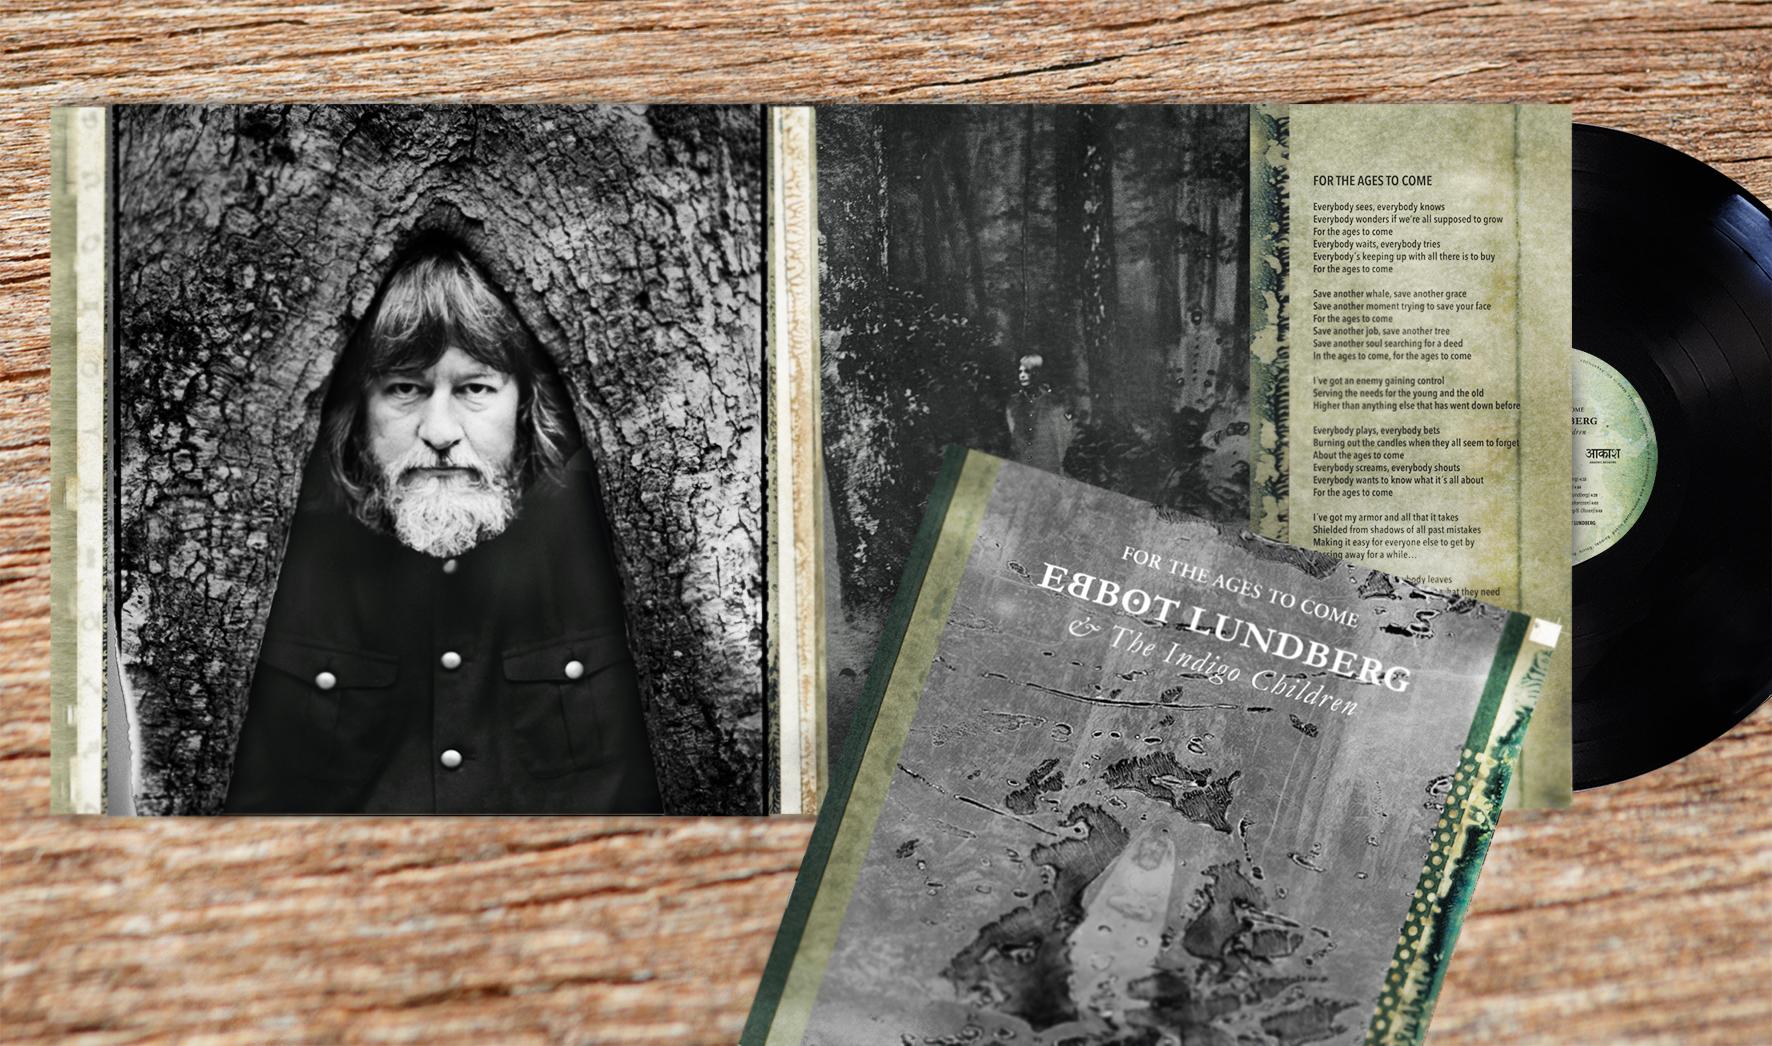 ebbotlundberg_vinyl_160802